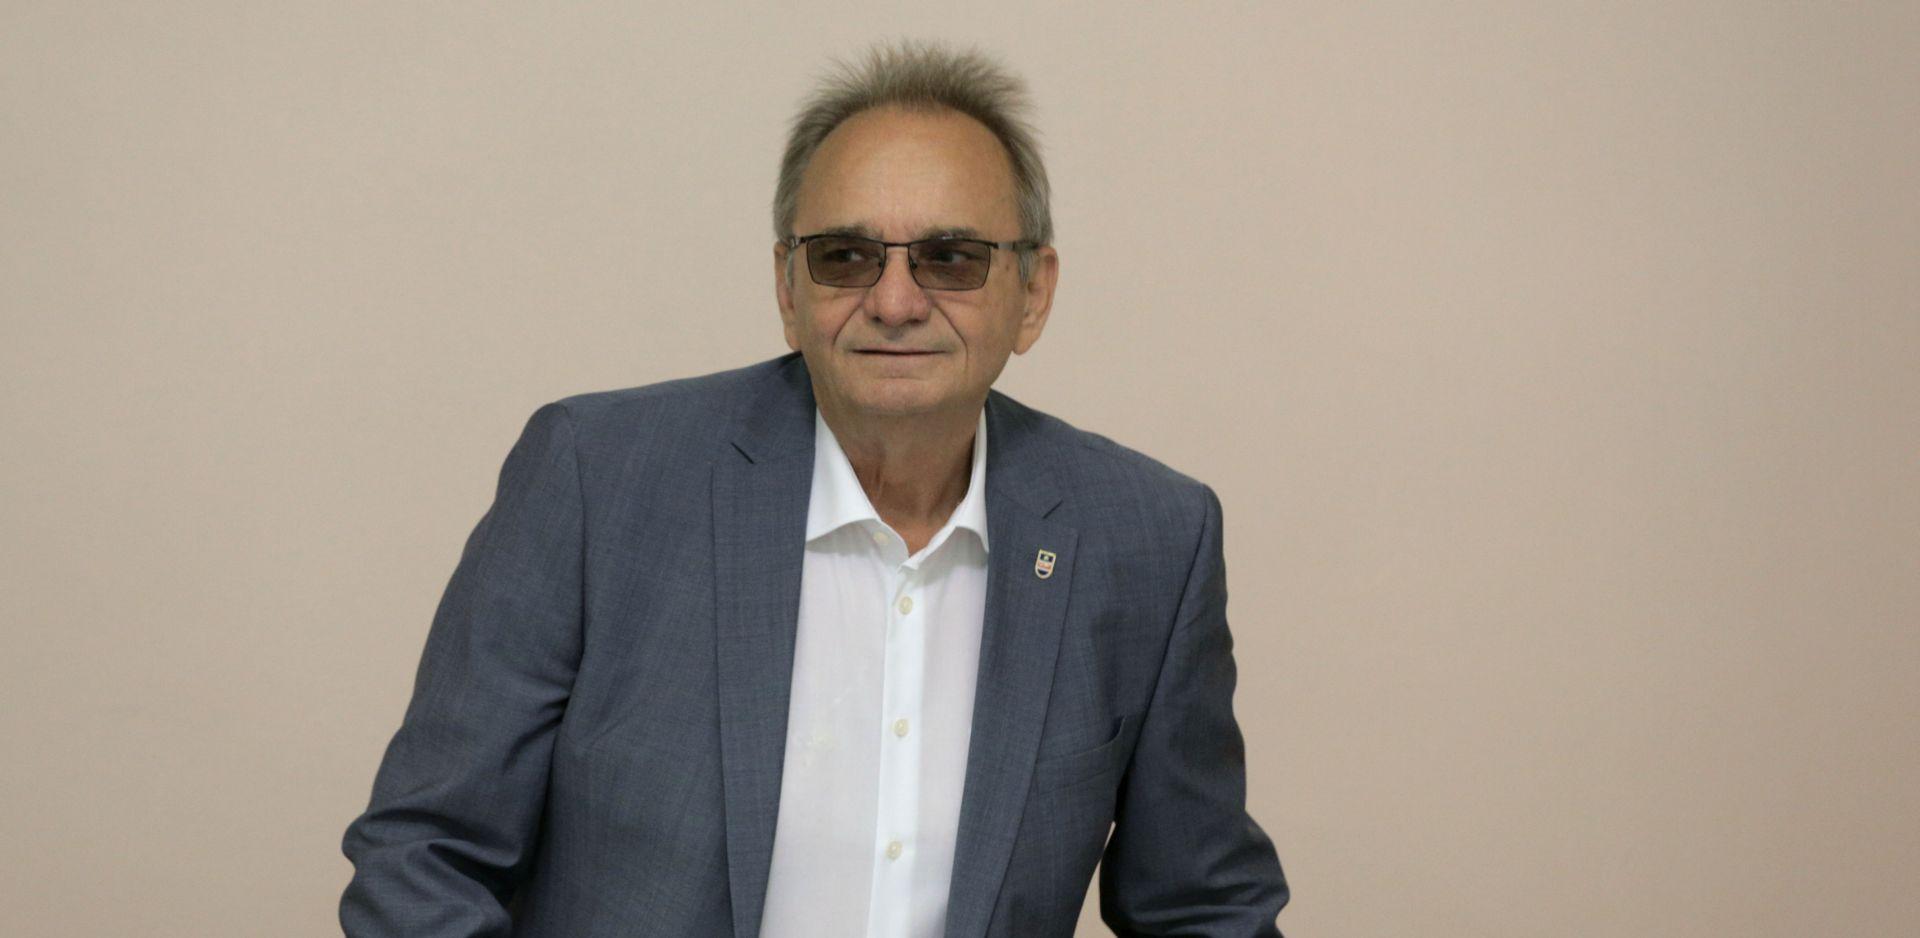 Glavaš najavio kandidaturu za predsjednika HDSSB-a